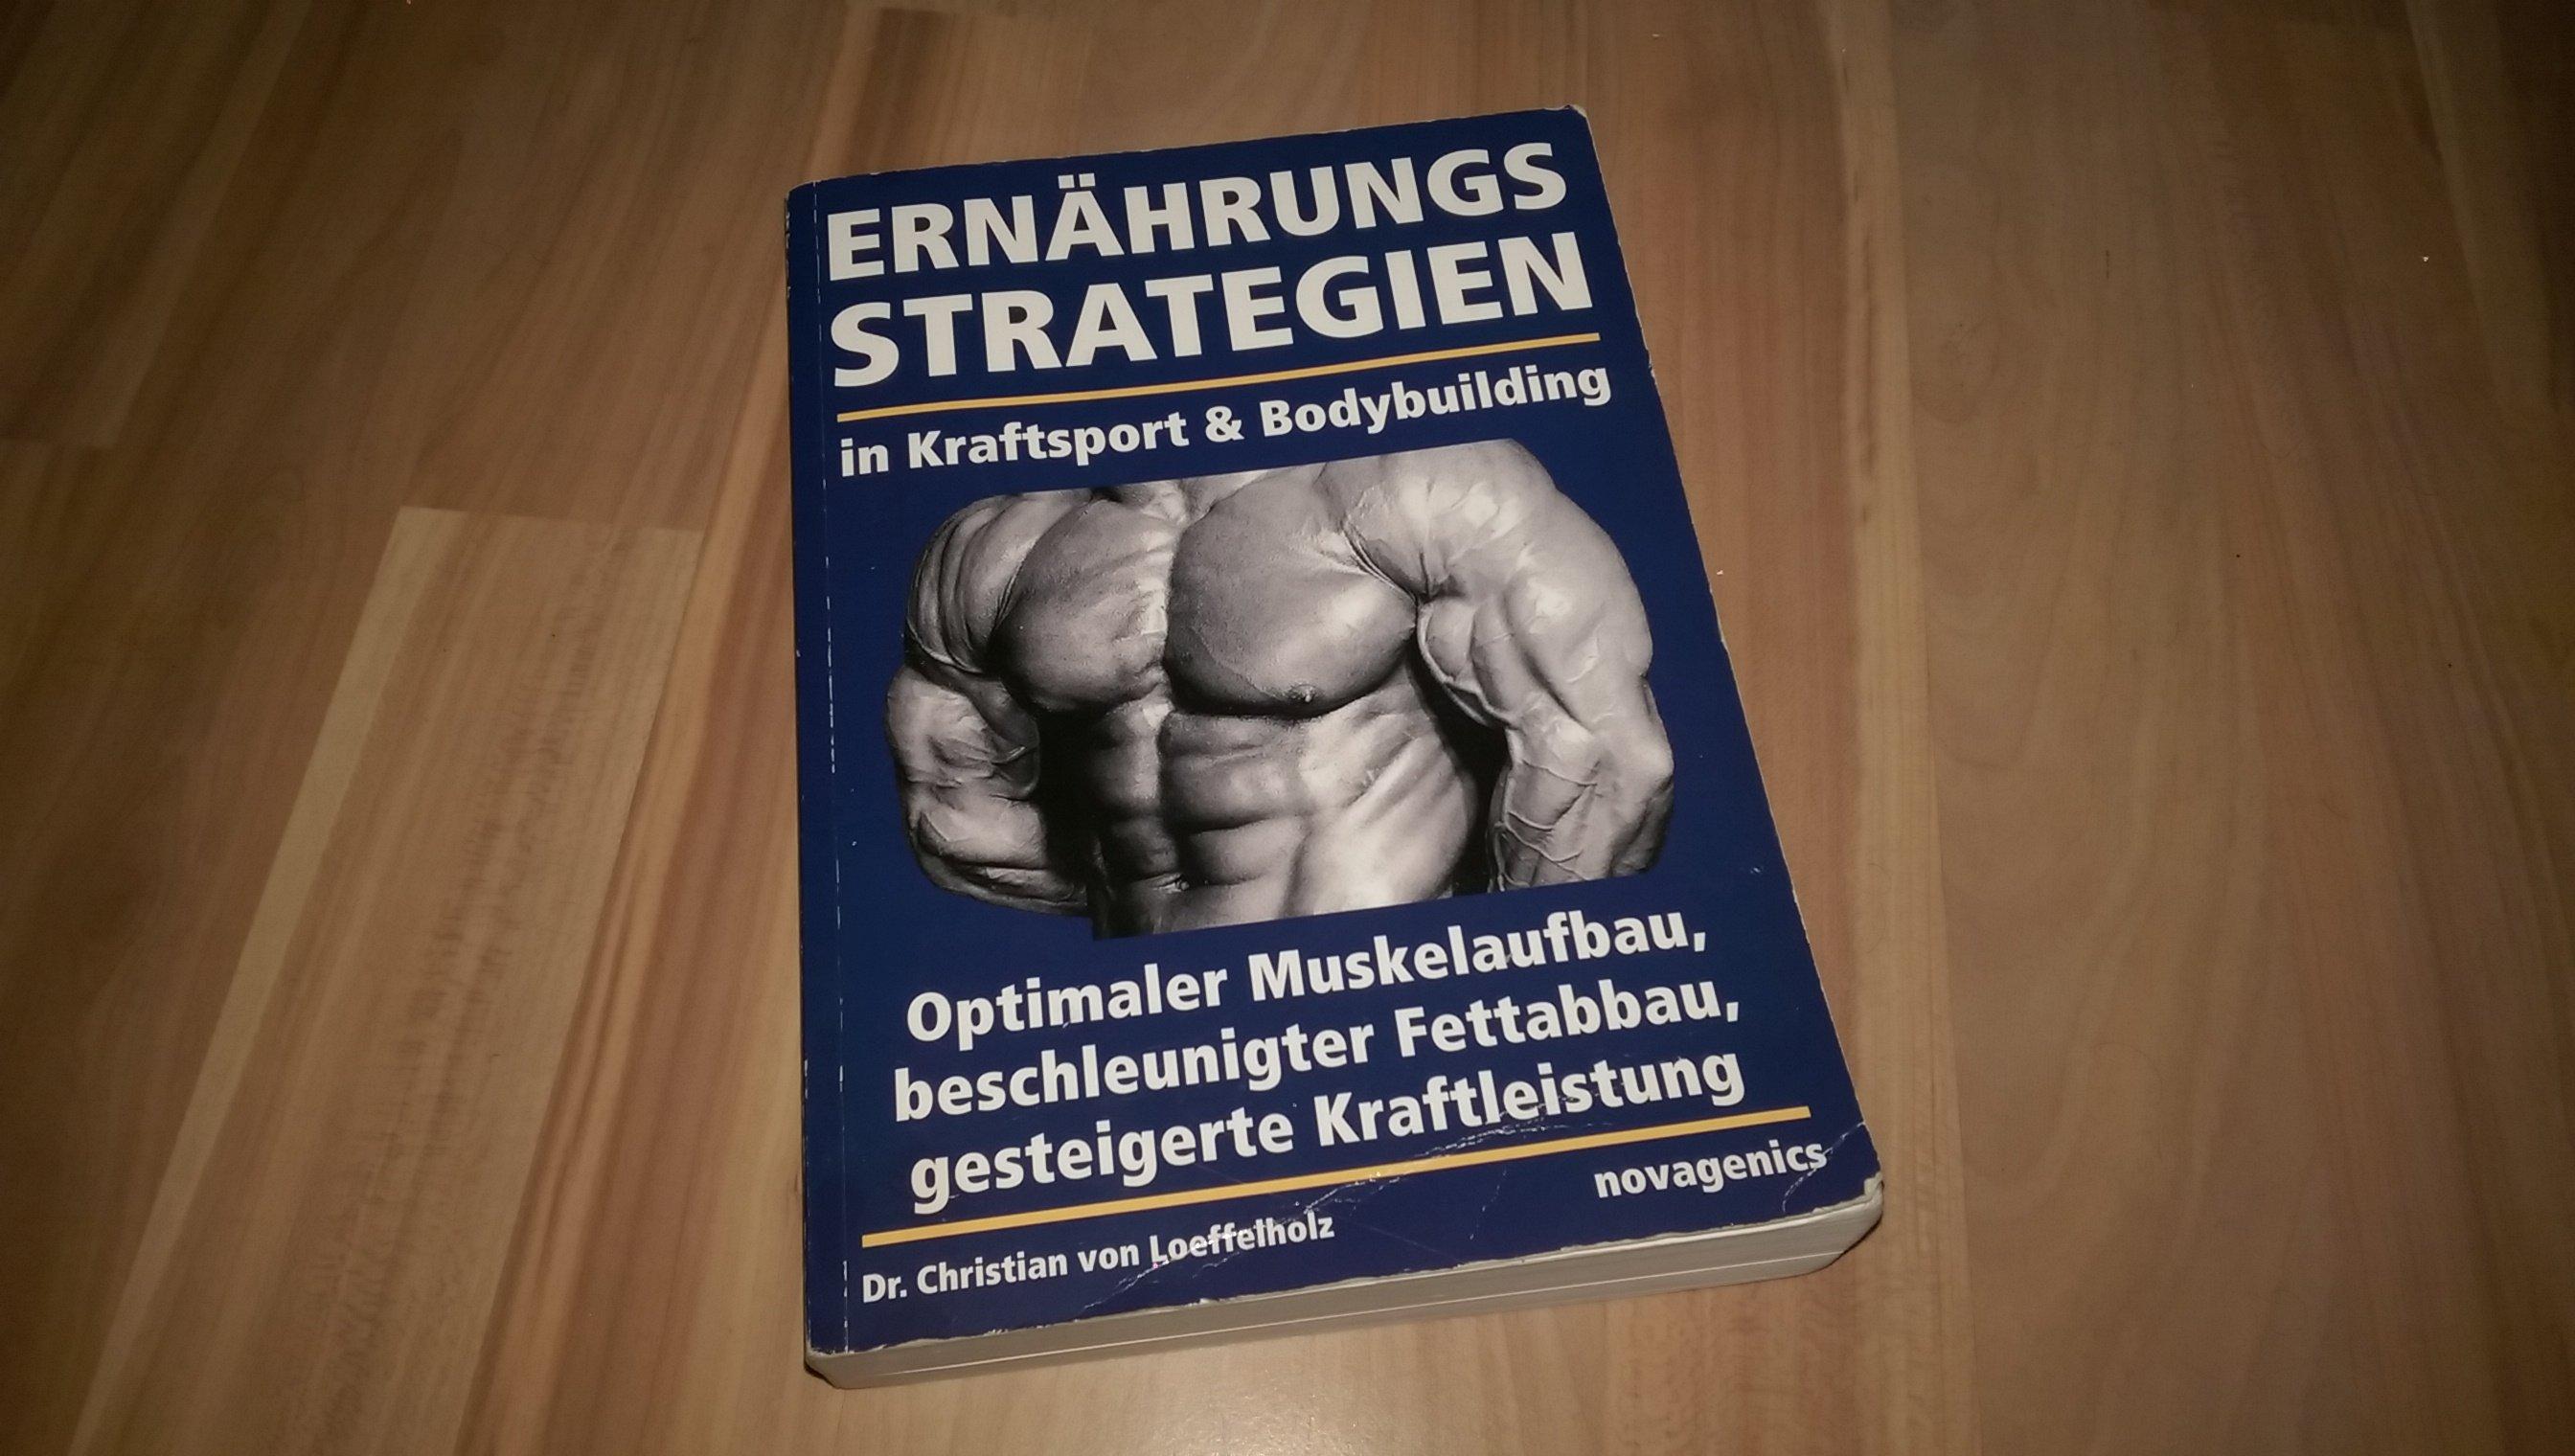 Ernährungsstrategien in Kraftsport und Bodybuilding - Rezension